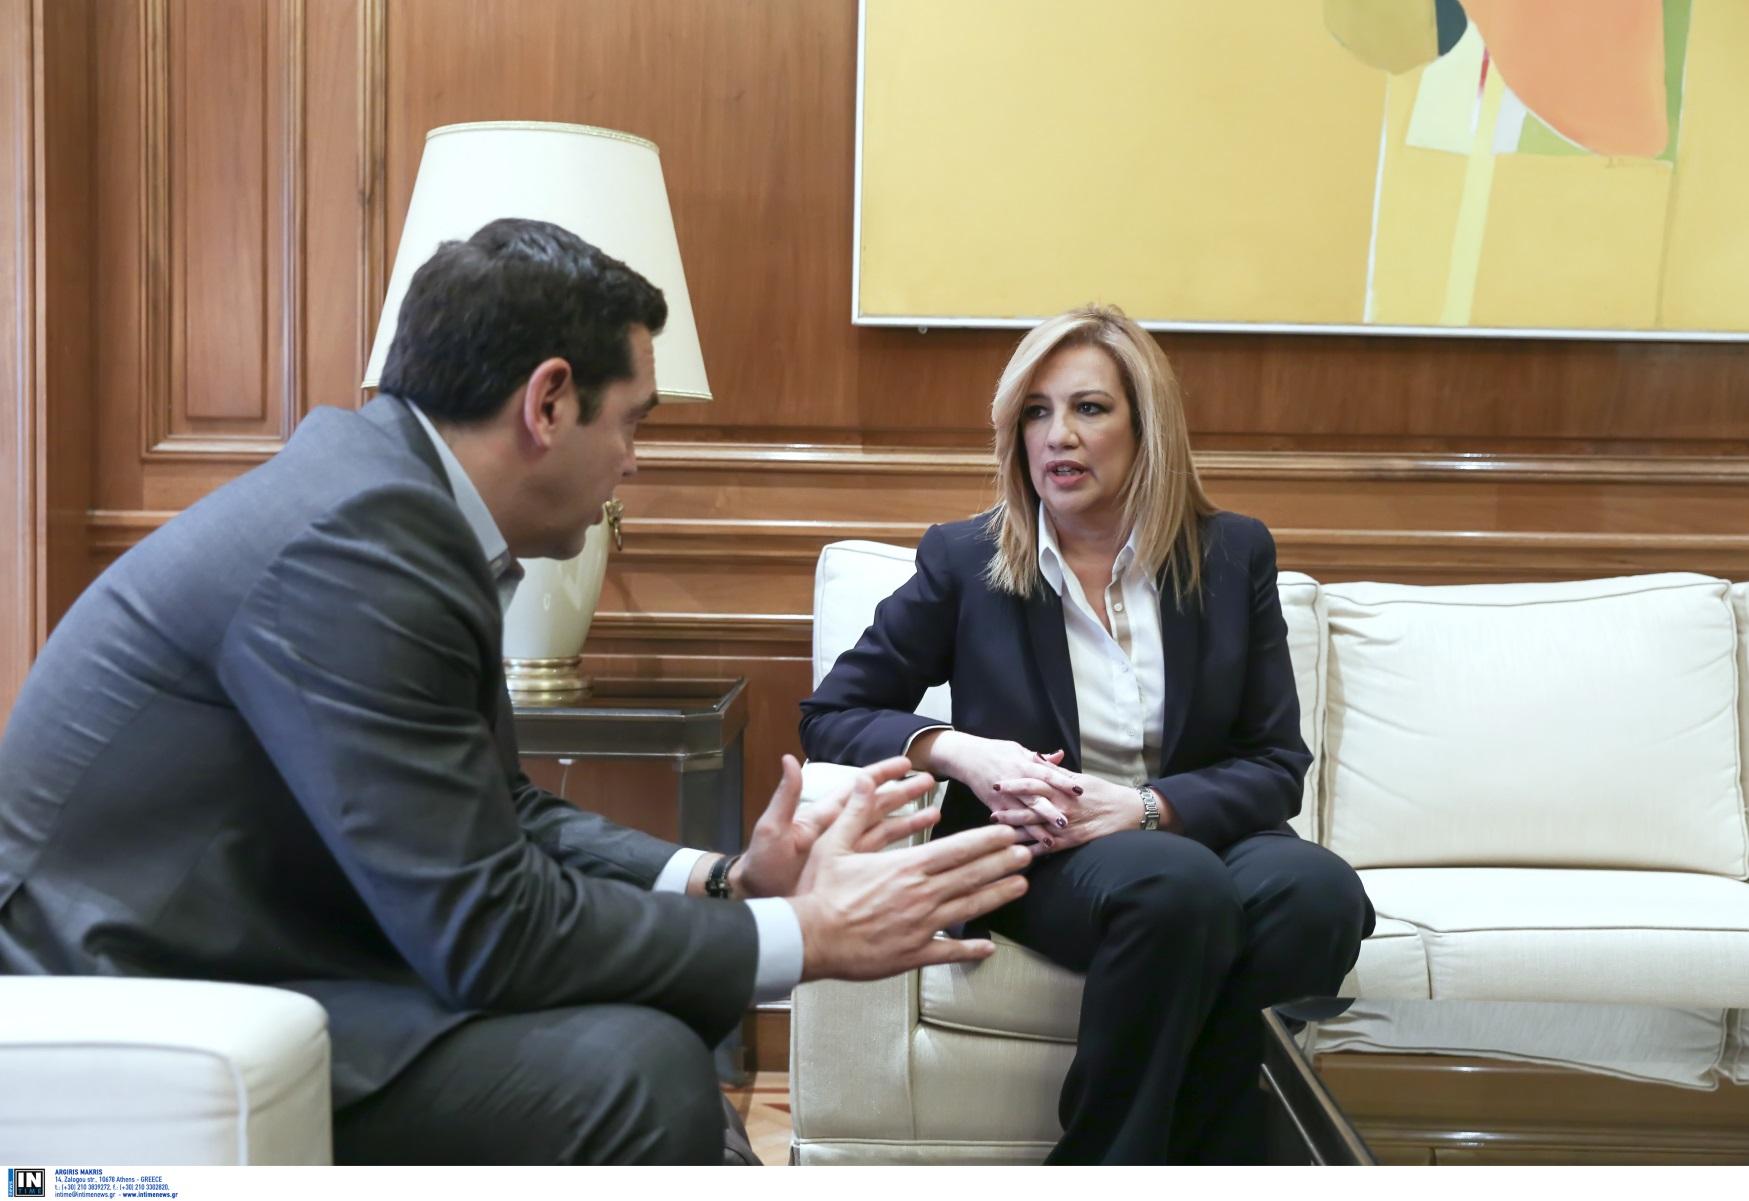 Φώφη Γεννηματά: Της τηλεφώνησε ο Αλέξης Τσίπρας – Ανακοίνωση εξέδωσε ο ΣΥΡΙΖΑ